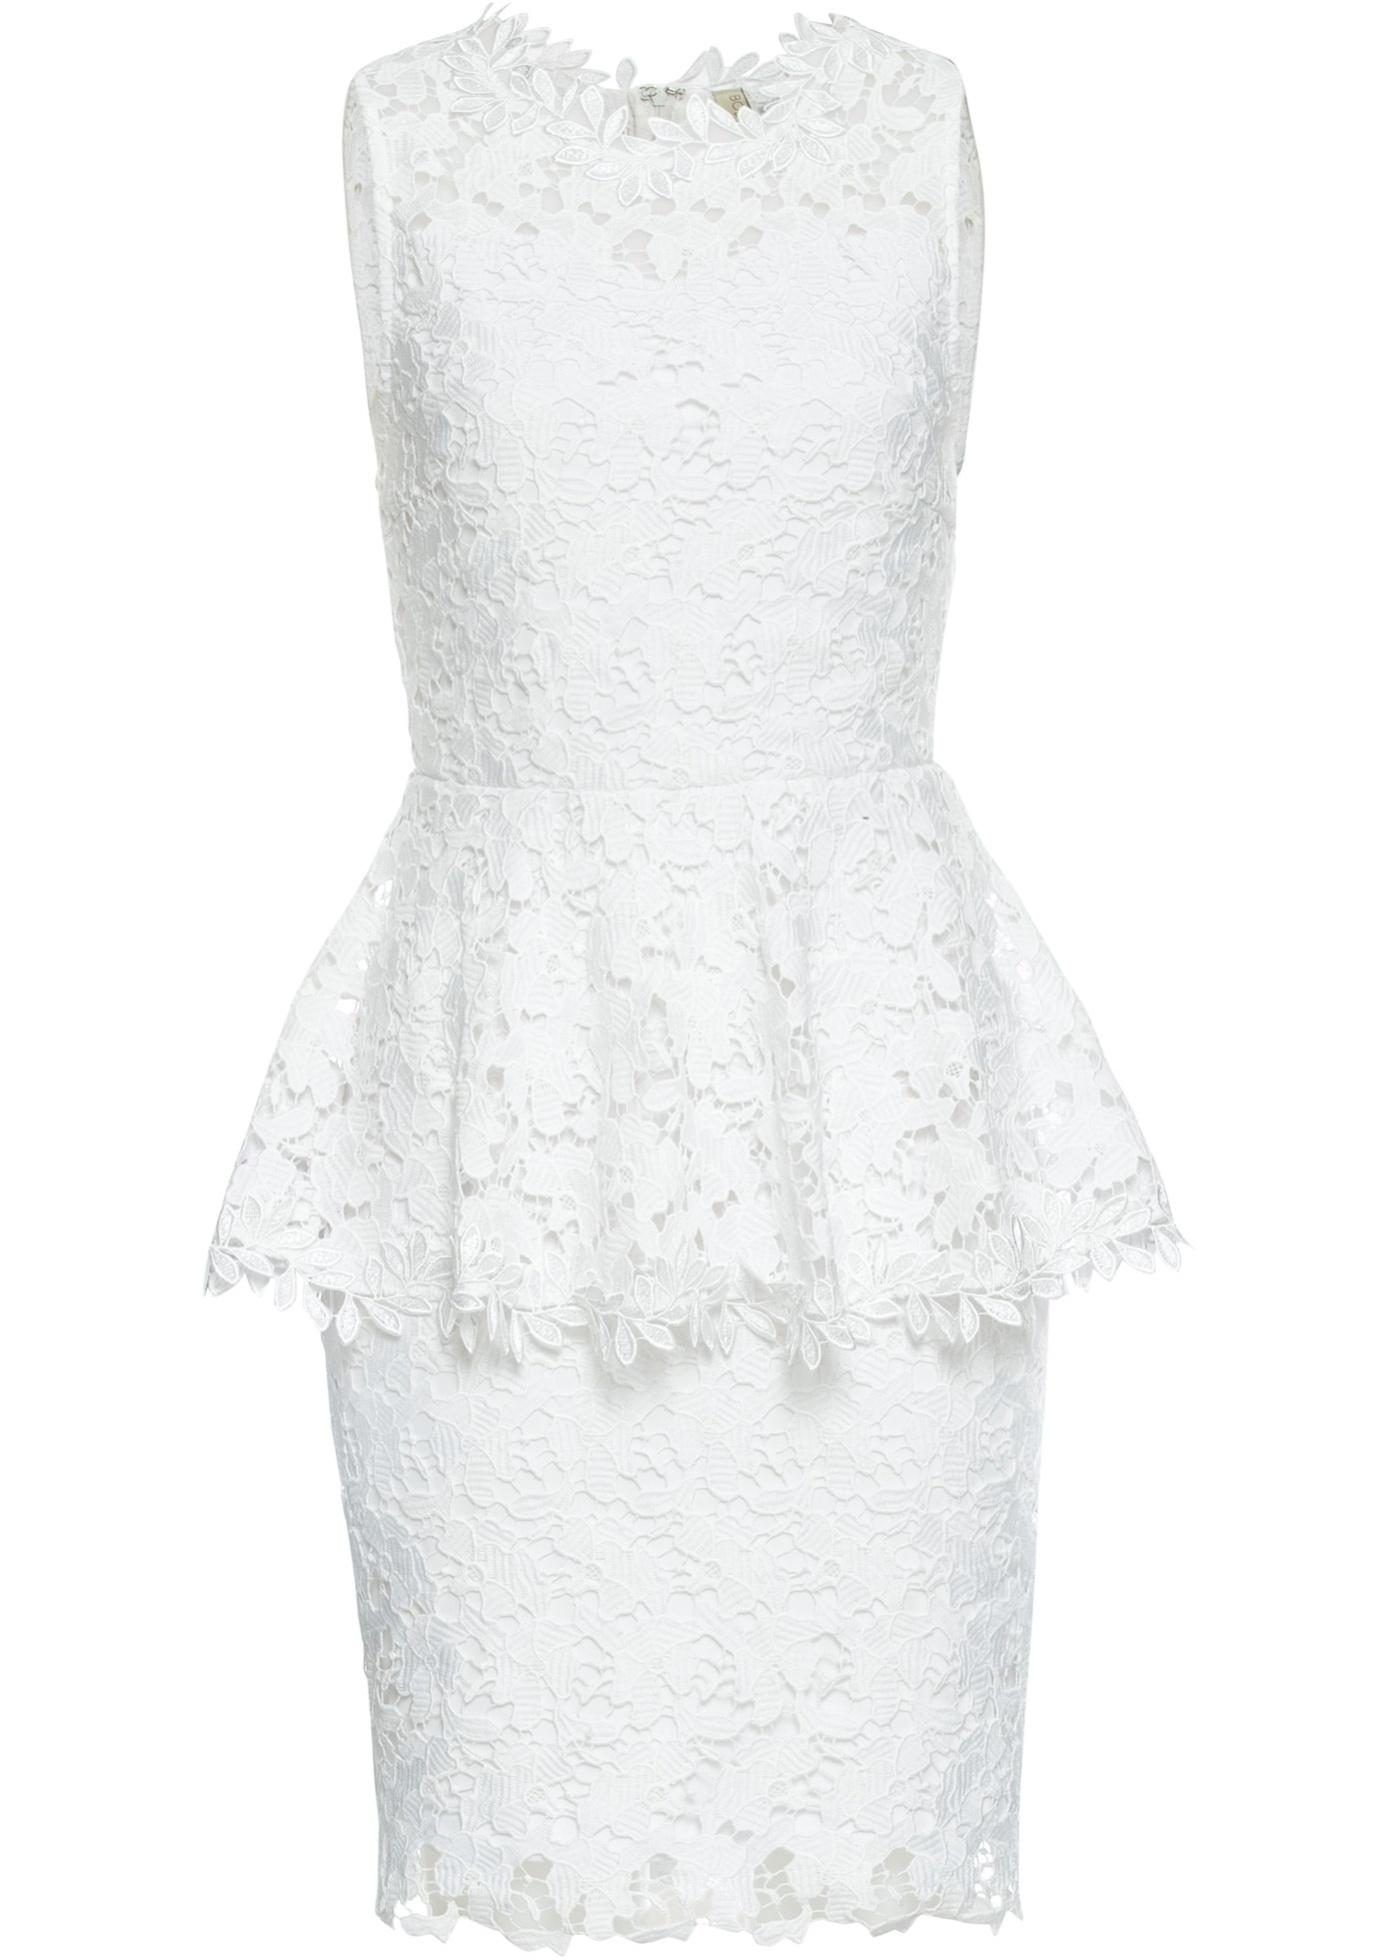 Spitzenkleid mit Volant ohne Ärmel  in weiß für Damen von bonprix